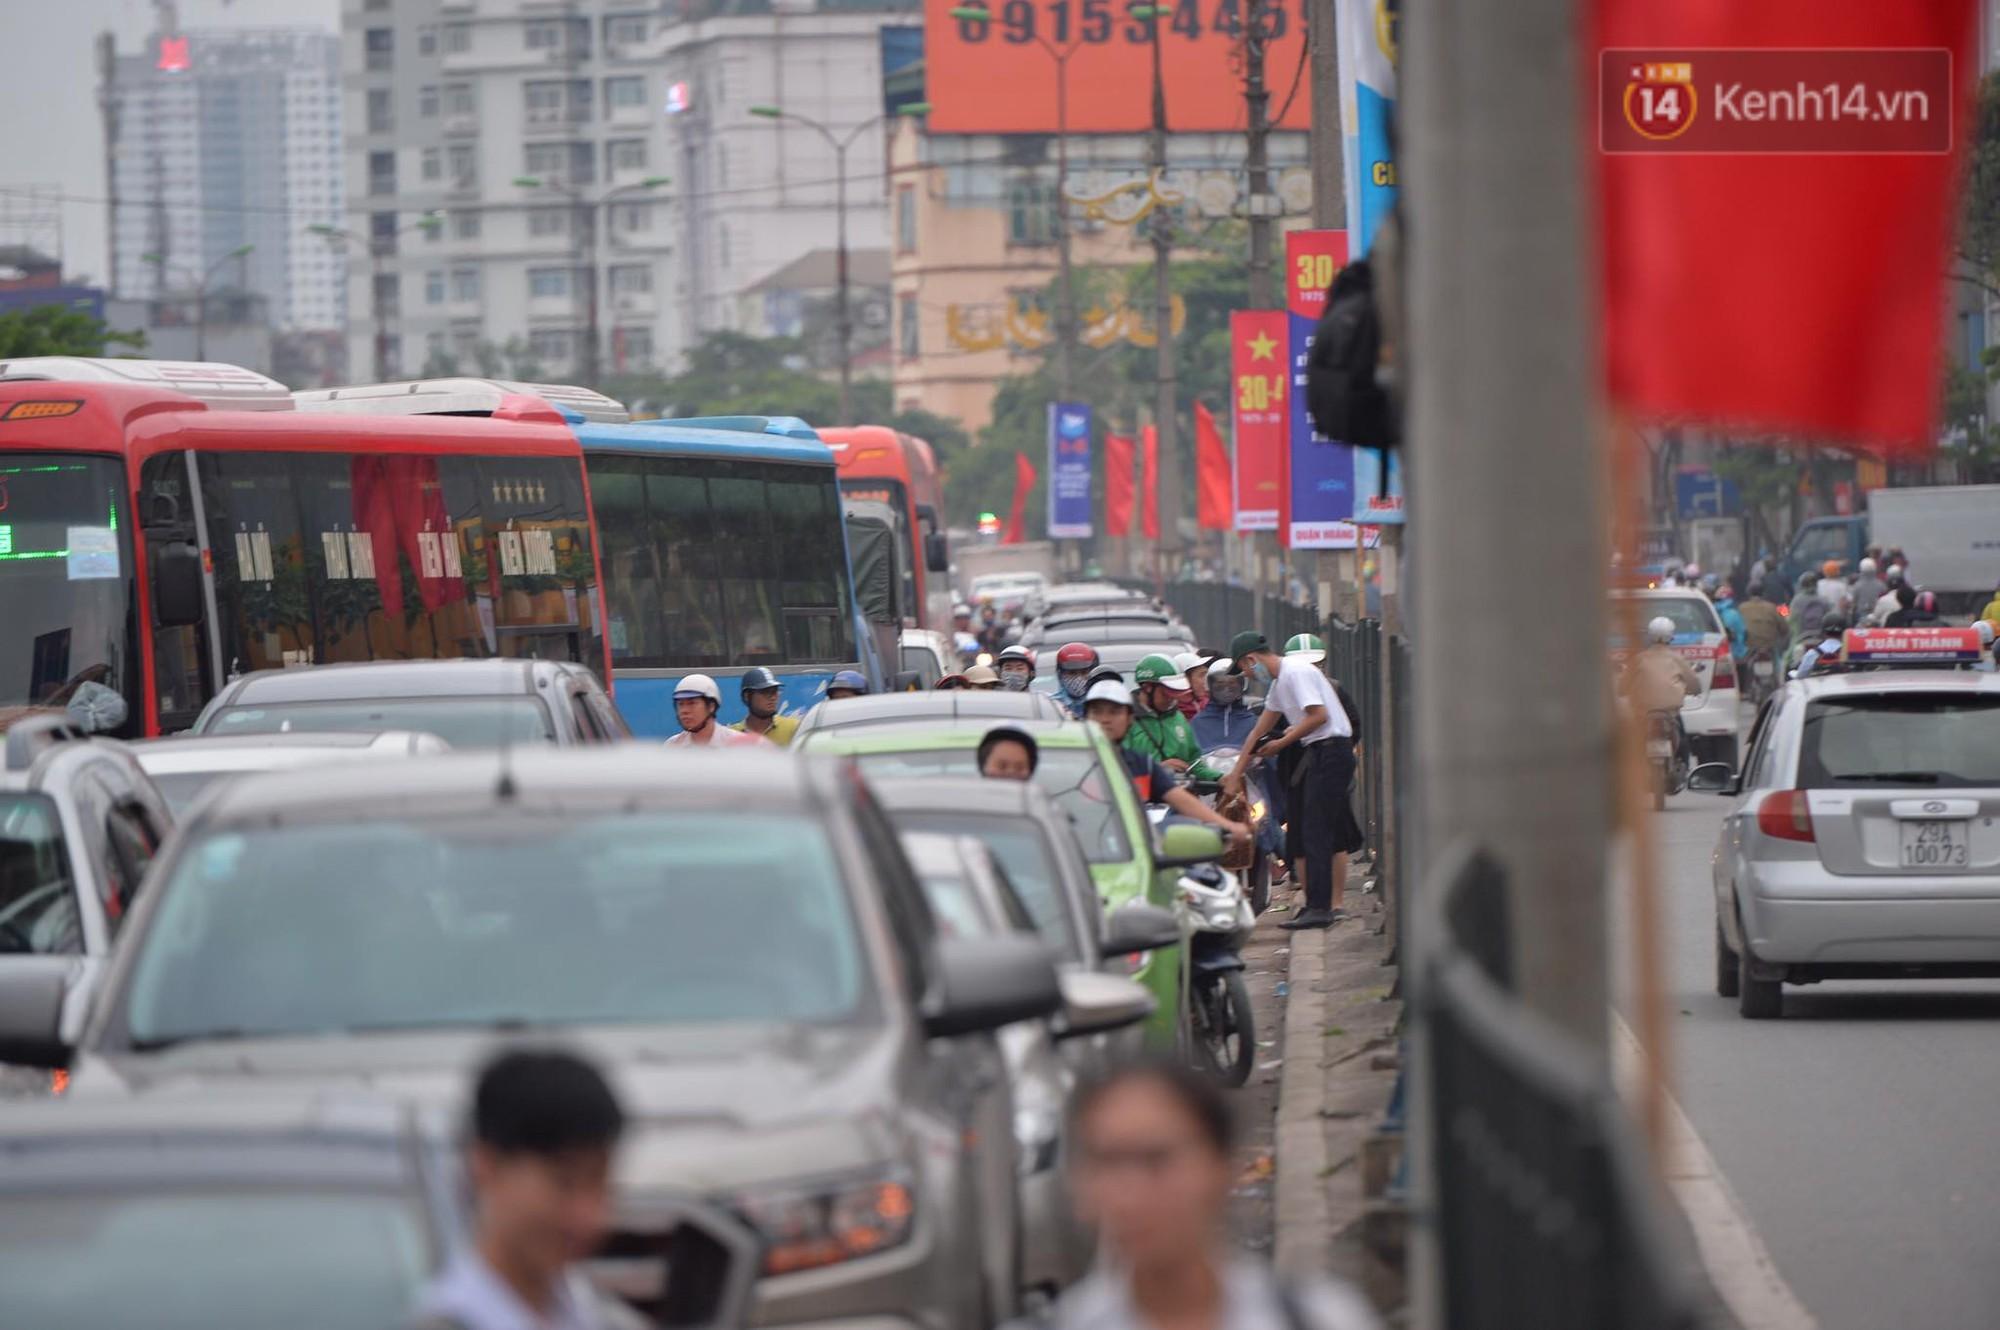 Kết thúc ngày làm việc trước kỳ nghỉ lễ 30/4, hàng nghìn người dân khăn gói về quê khiến nhiều tuyến đường ách tắc 13